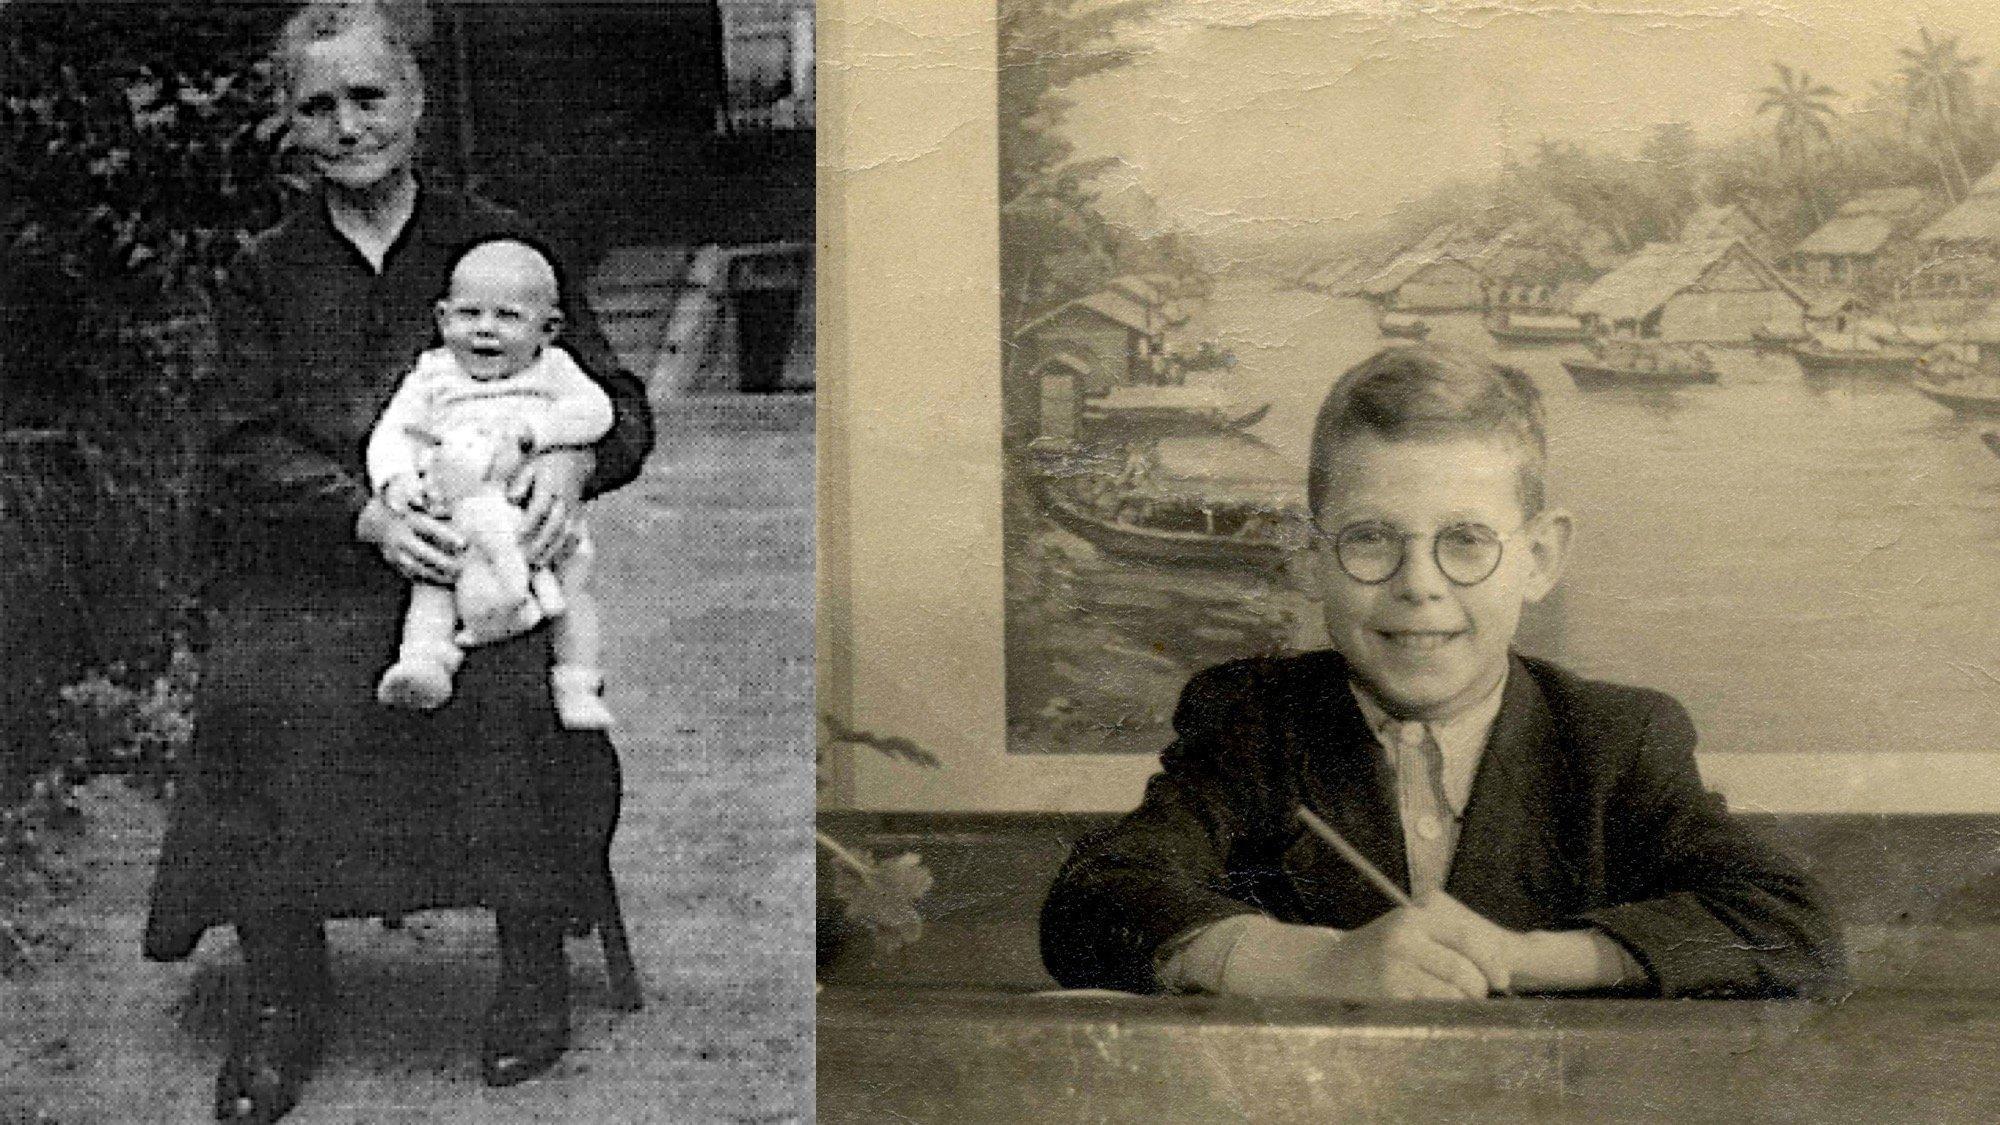 Zwei Fotos: Links Paul Crutzen als Baby auf dem Schoß seiner Großmutter. Rechts ein Foto seiner Einschulung.